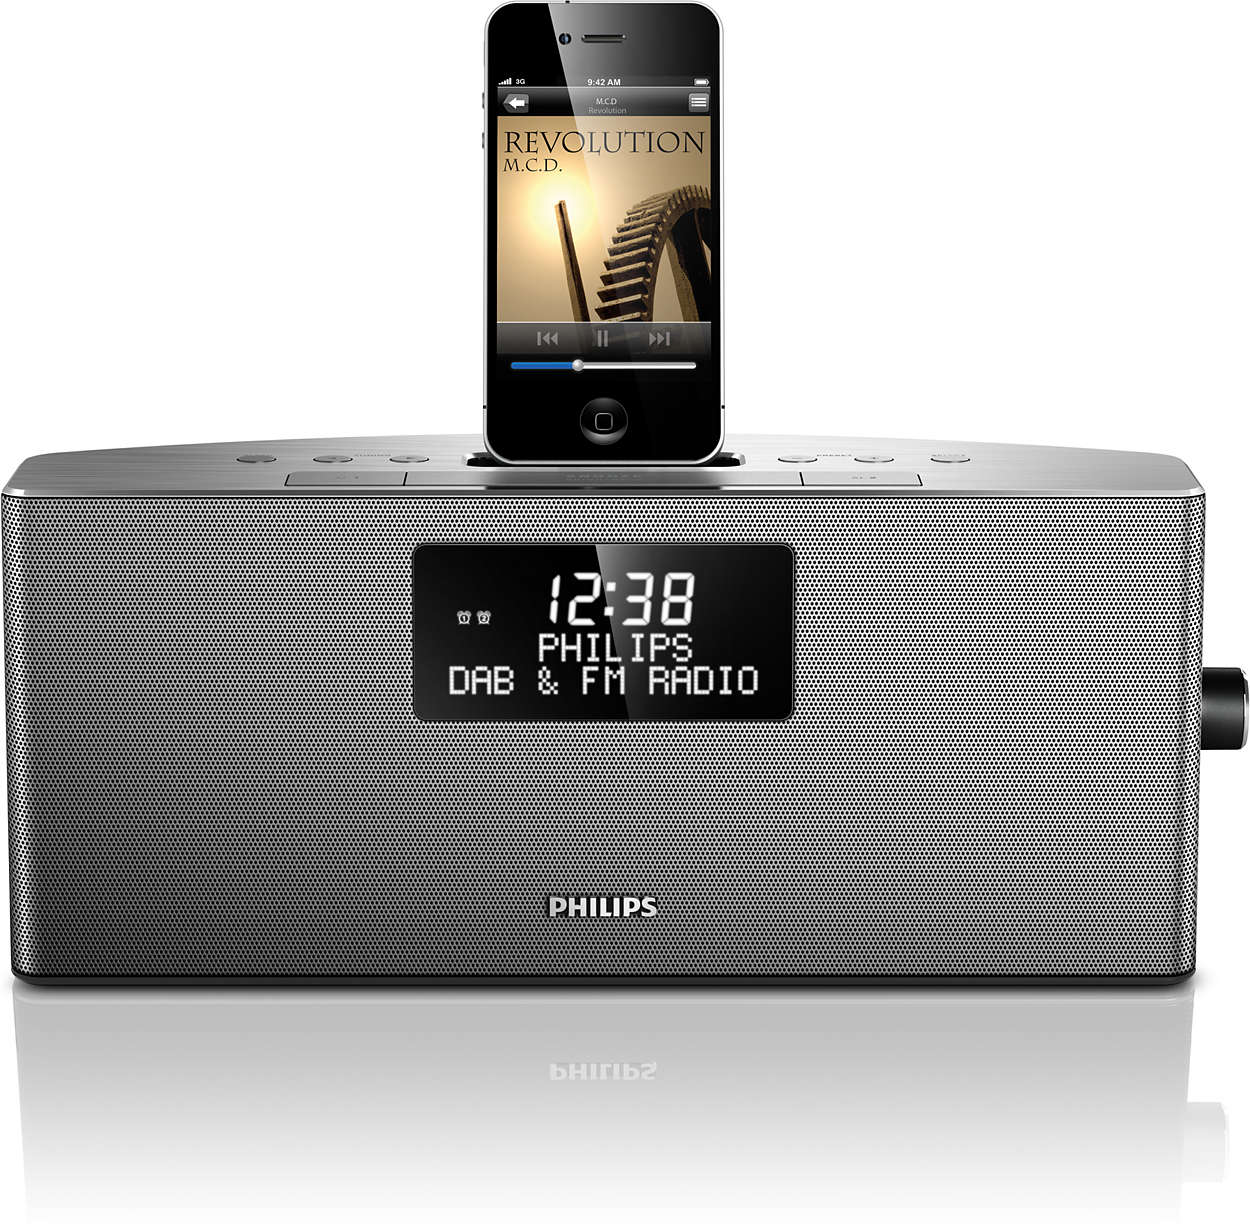 Nyt musikk fra iPod, iPhone og DAB+-radio